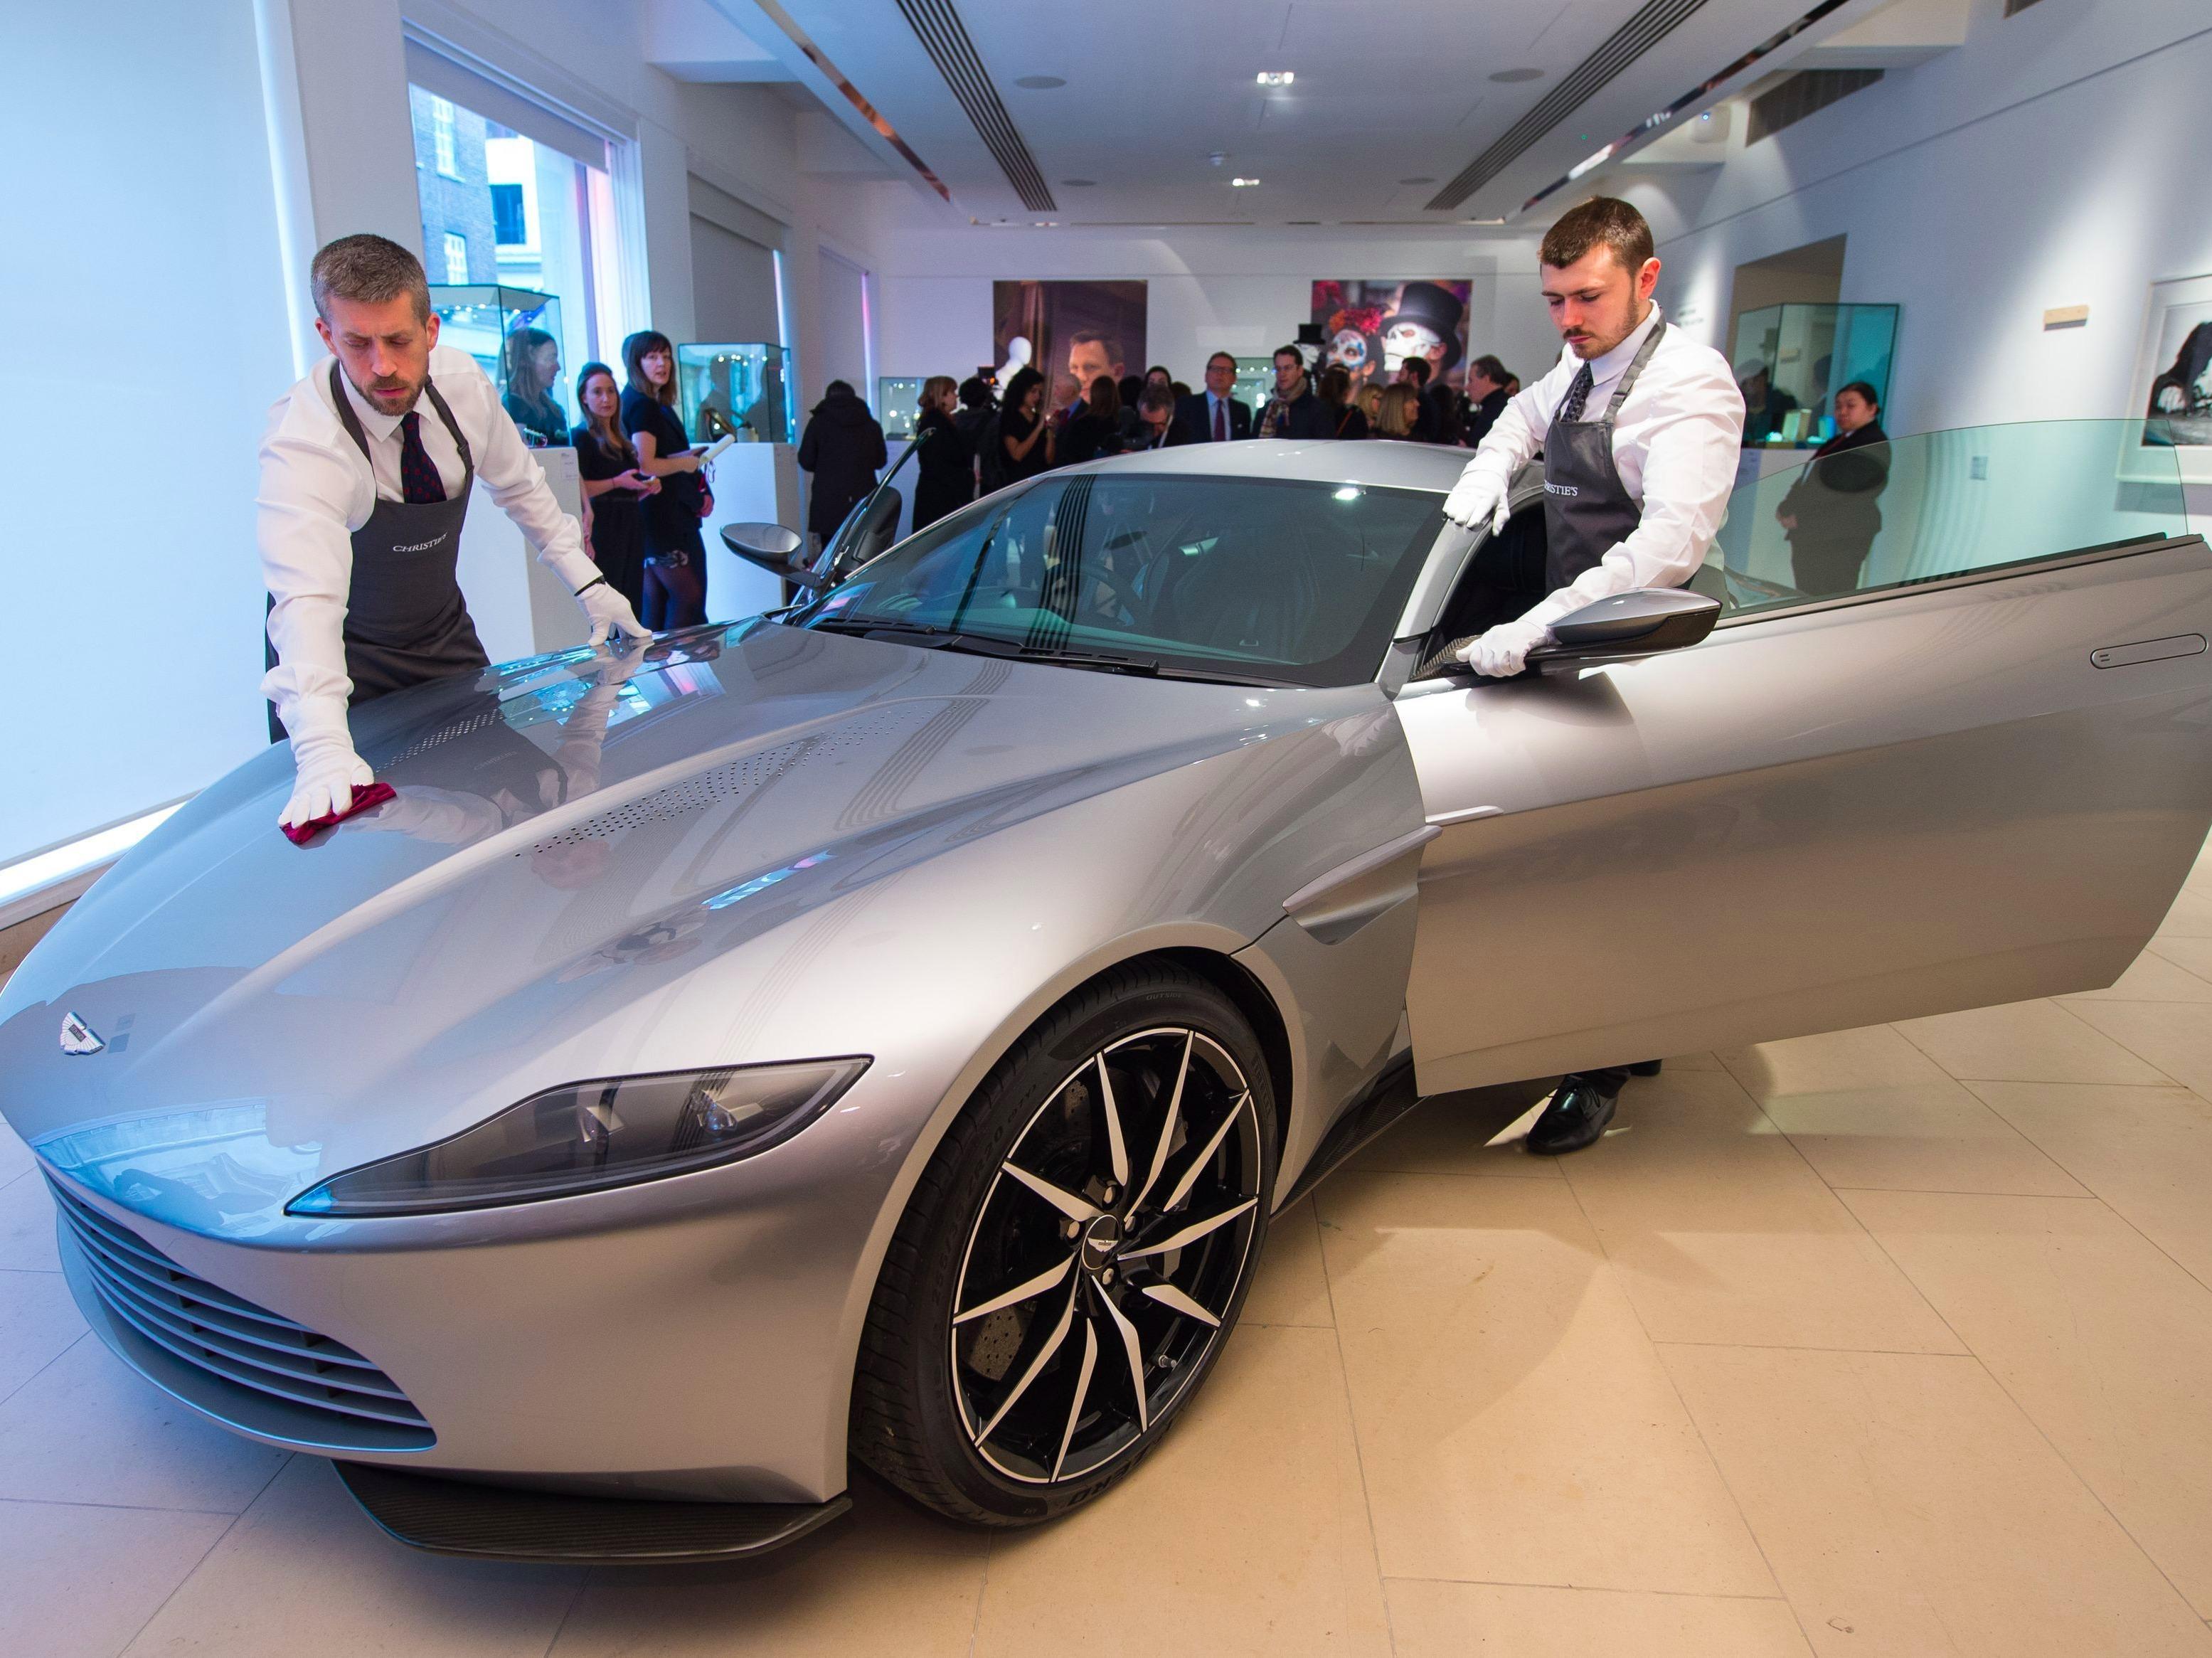 james bond 39 s aston martin sells for over 2million central itv news. Black Bedroom Furniture Sets. Home Design Ideas